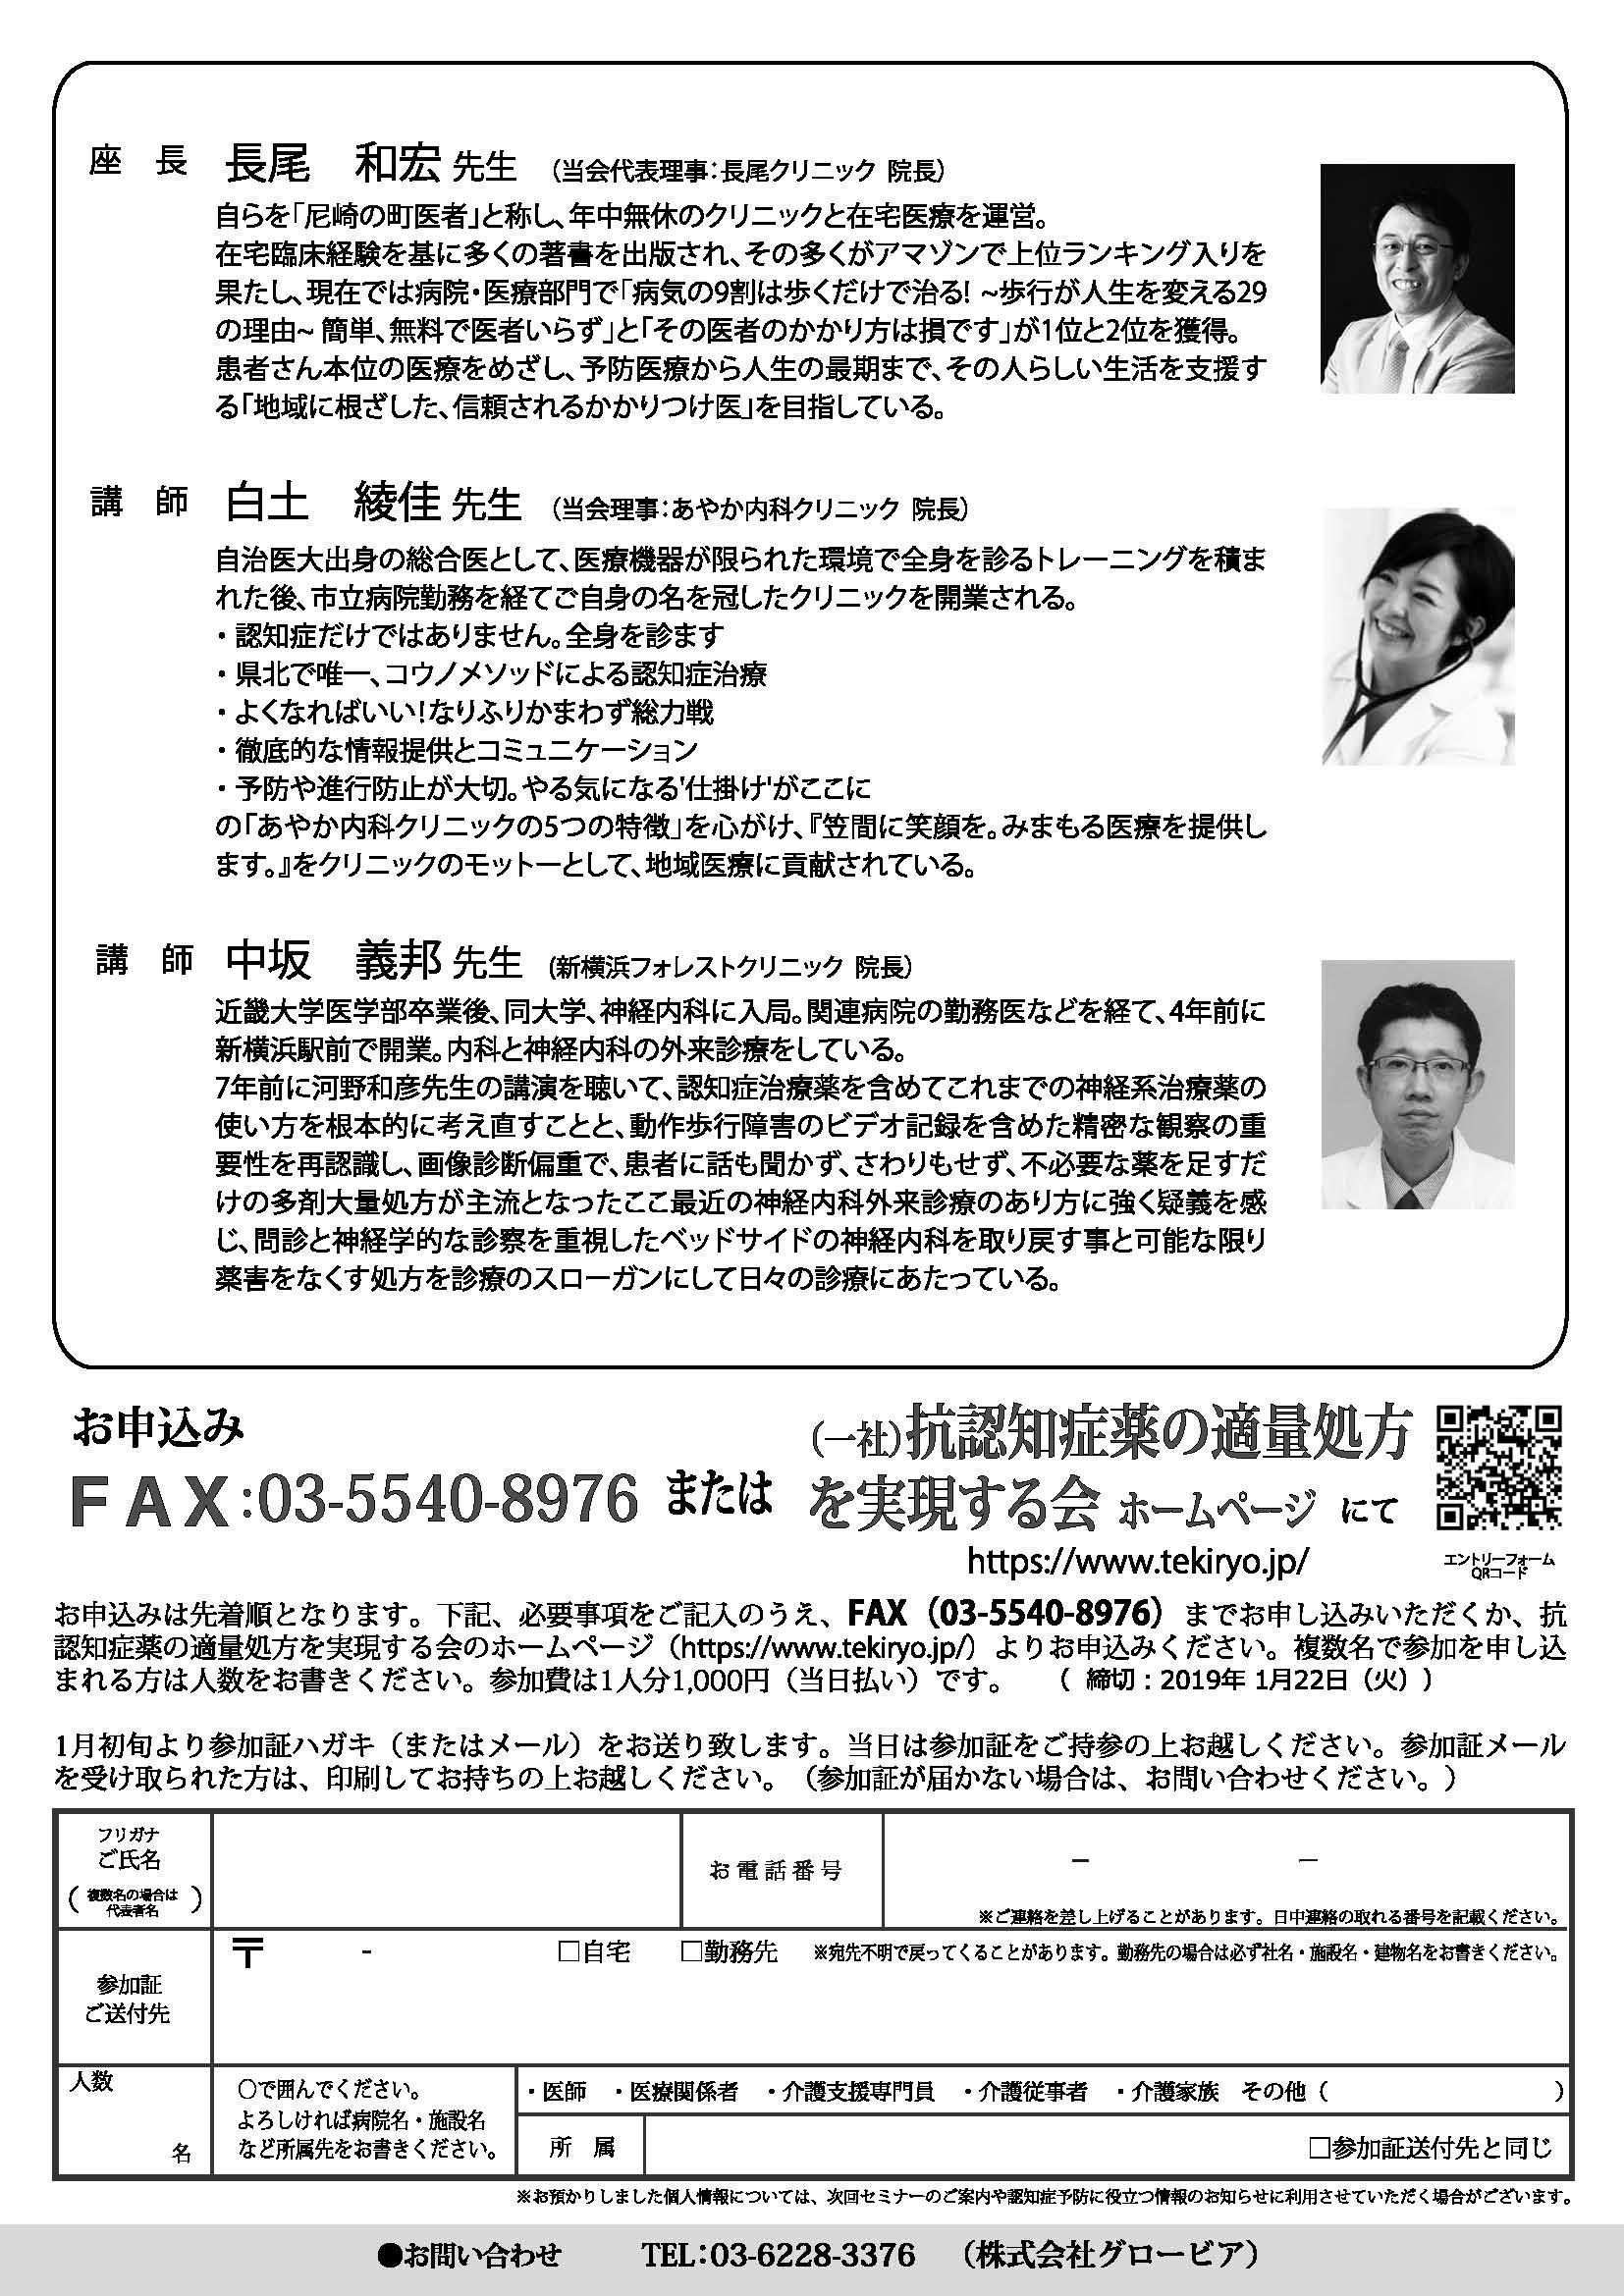 20190127_tekiryokai_ページ_2.jpg